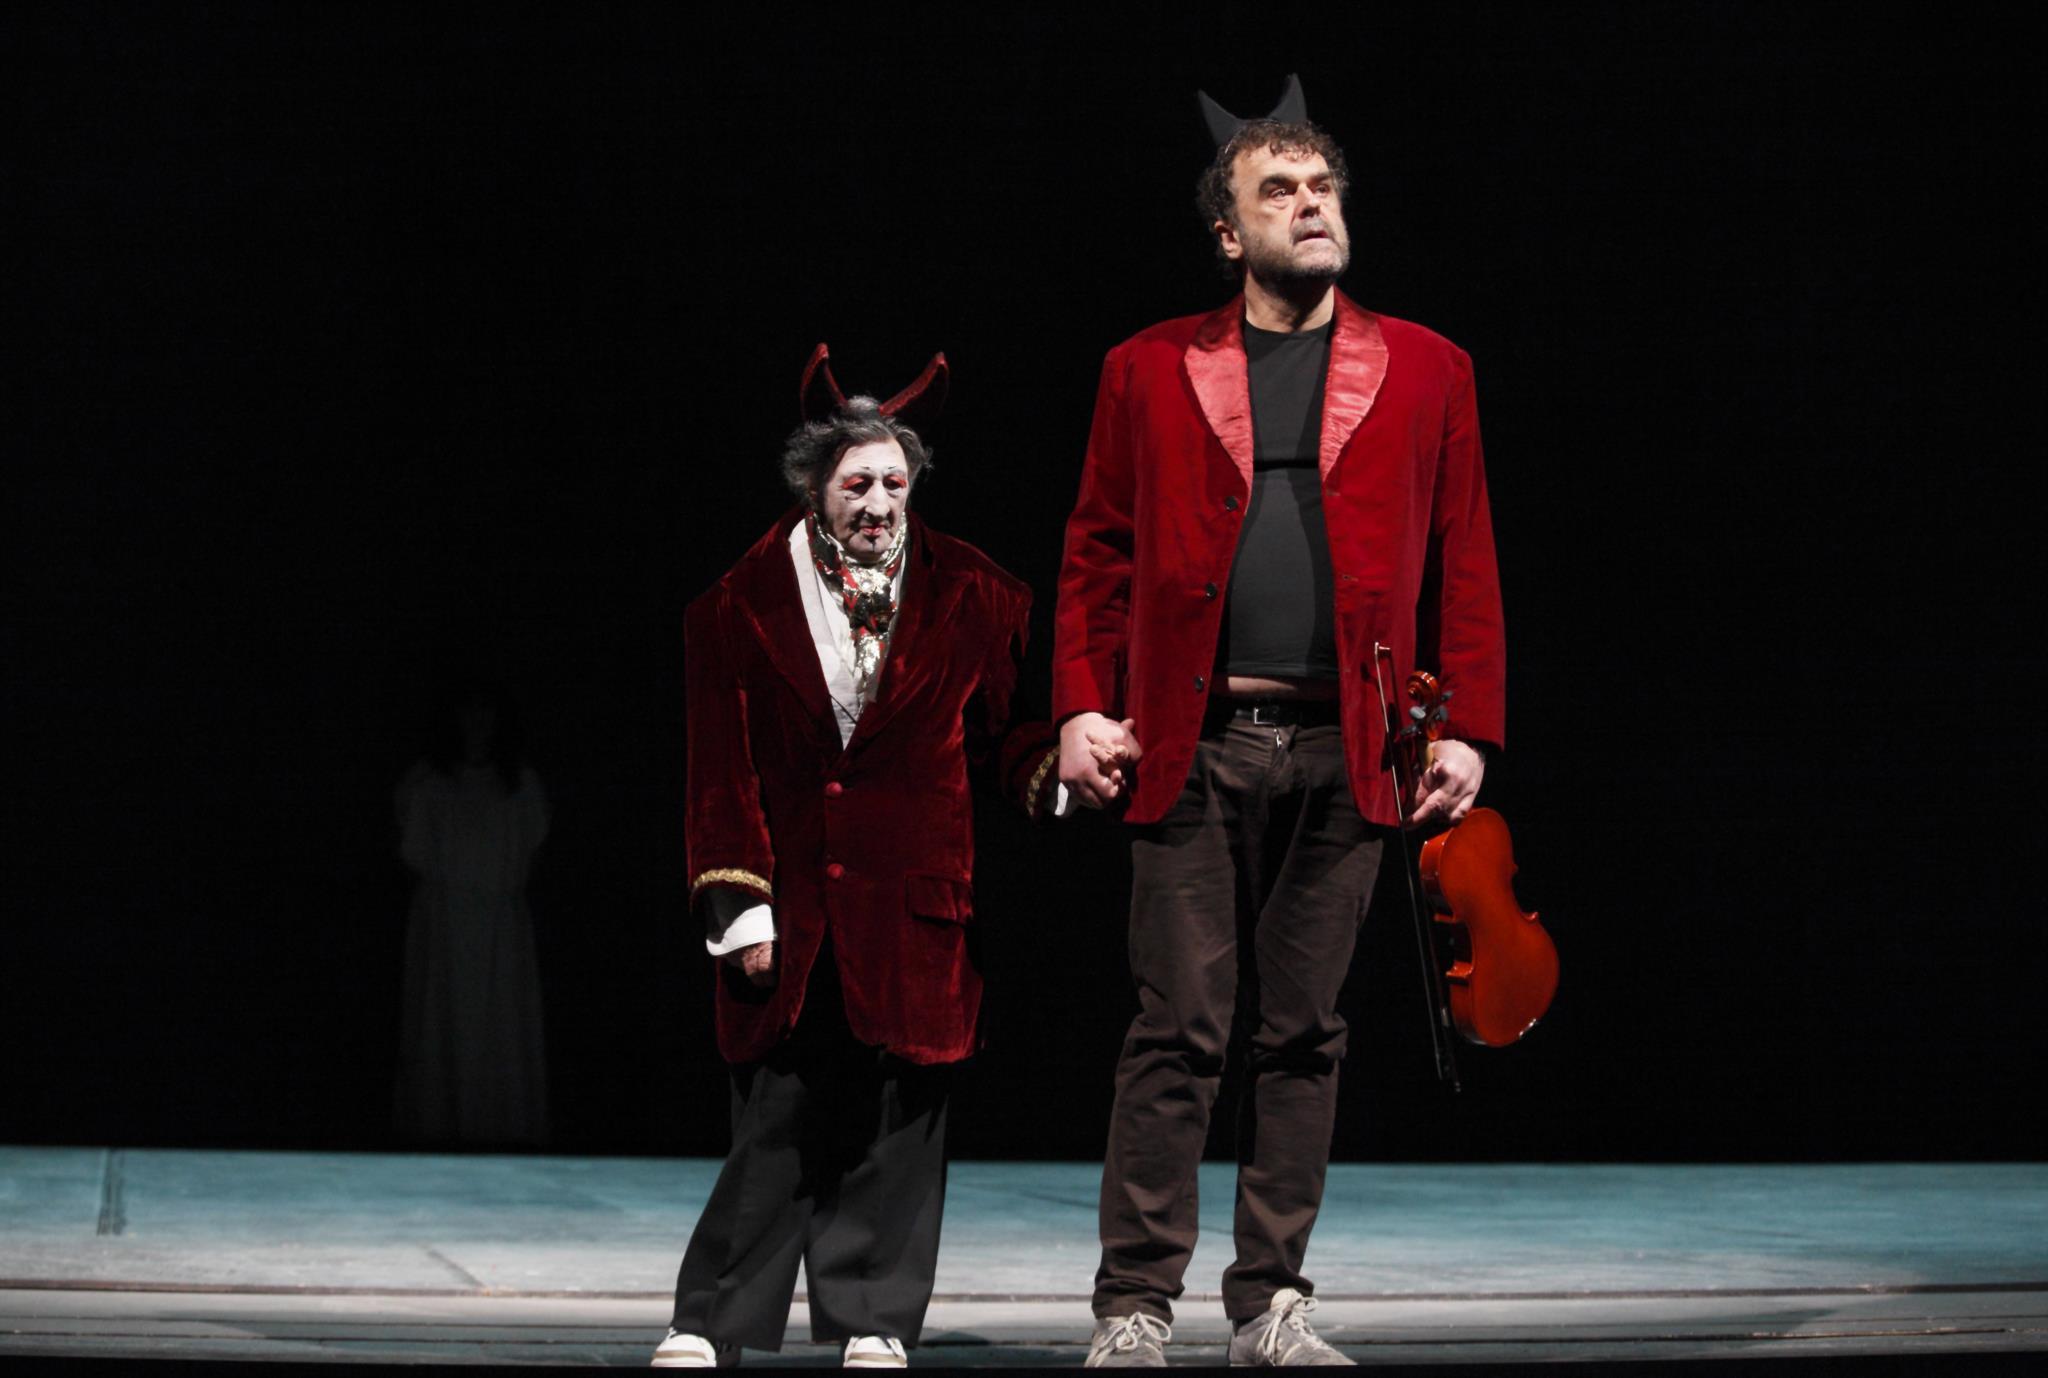 PÚBLICO - Festival de Almada: uma visão do teatro europeu, ainda com a <i>troika</i> à perna